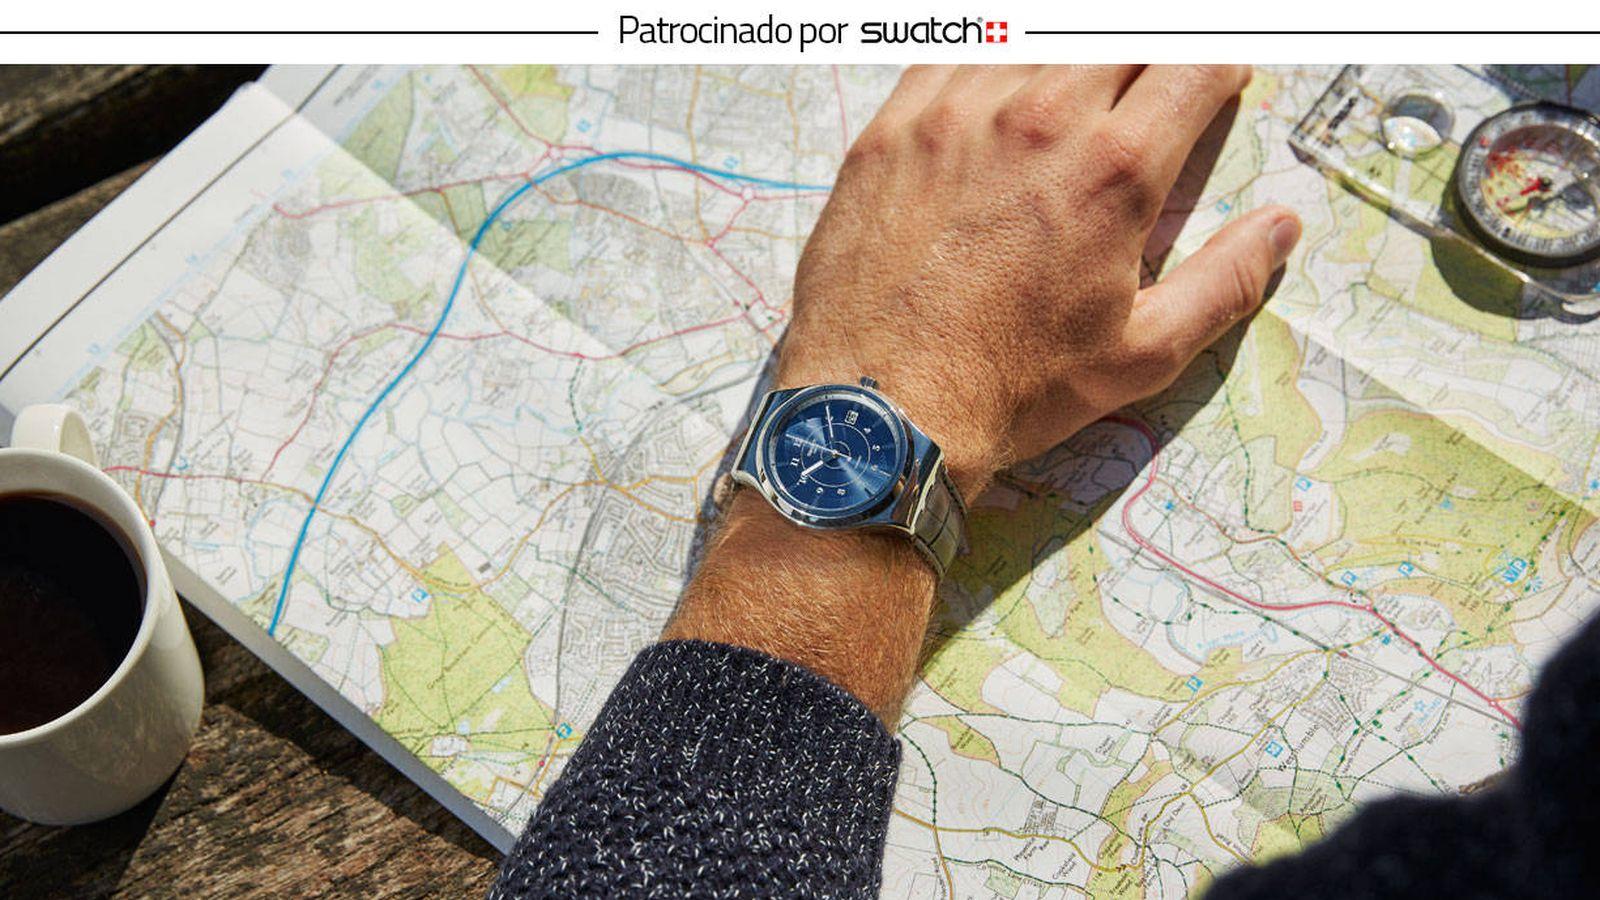 3f1bf3329b28 por-que-los-mejores-relojes-vienen-de-suiza.jpg mtime 1479912027